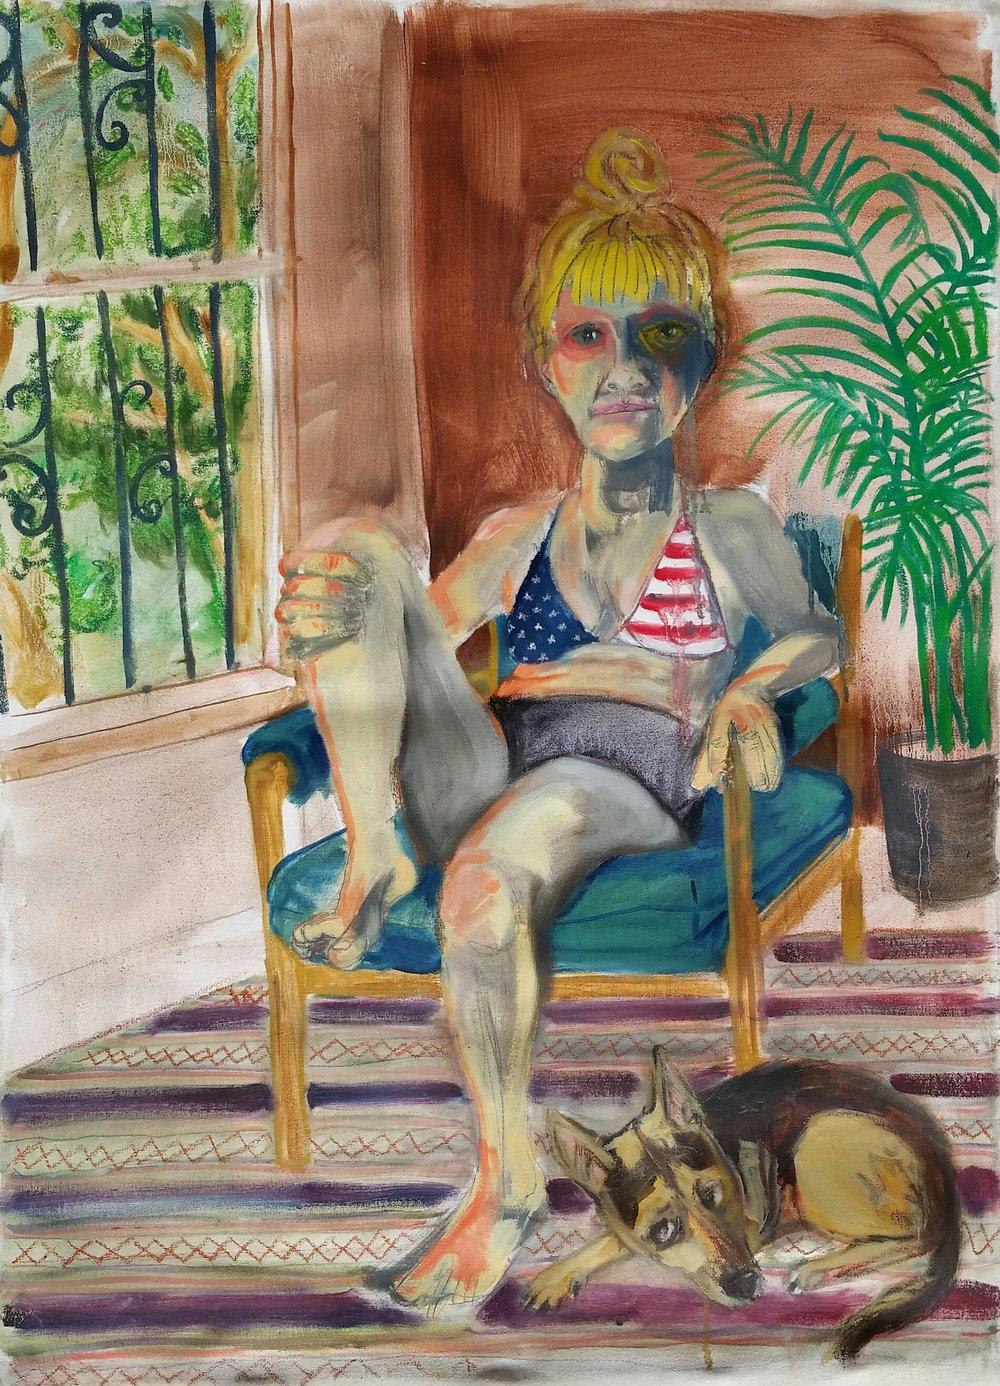 I Want An American Flag Bikini